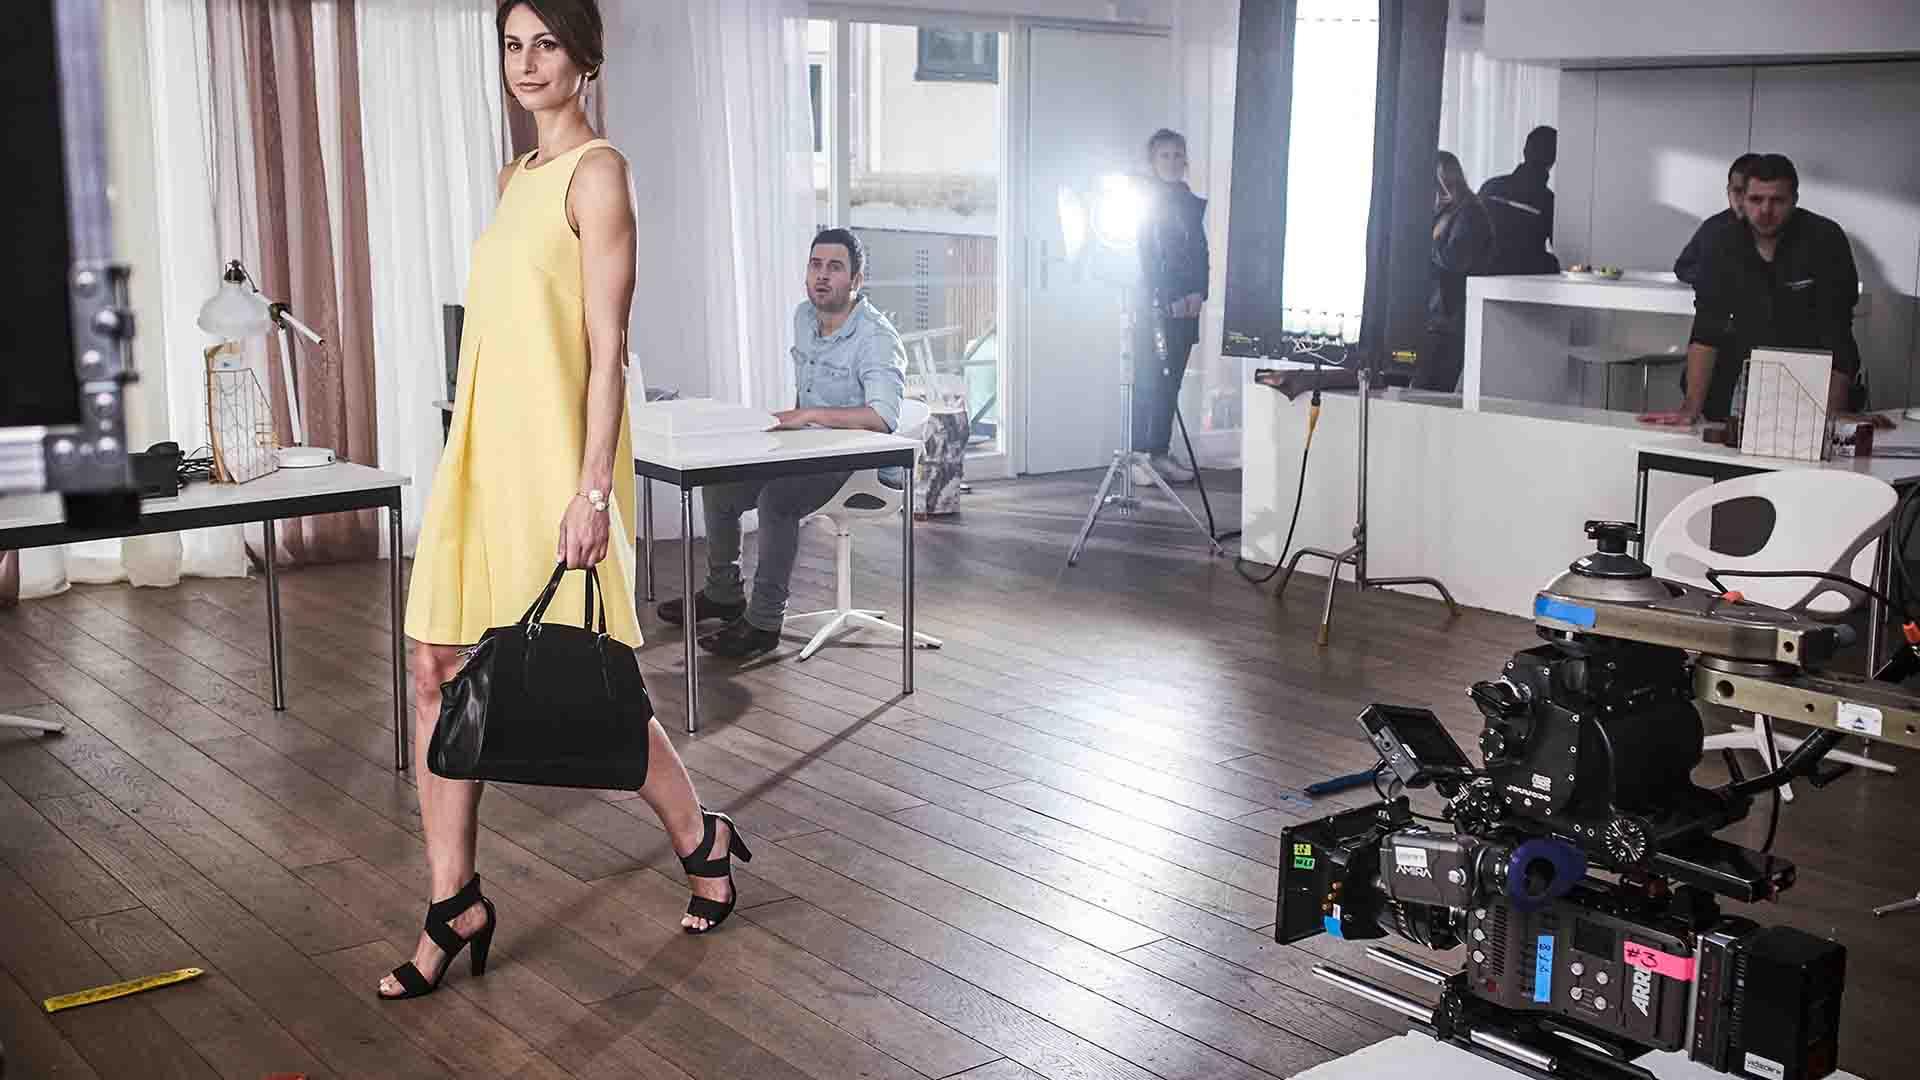 Das Bild zeigt einen Raum. Durch diesen Raum läuft eine Frau mit einem gelben Kleid. Sie trägt eine schwarze Handtasche. Rechts von ihr ist eine Kamera angebracht die sie filmt. Hinter ihr steht ein Licht, dass sie anleuchtet sowie weitere Leute des Kamerateams. Das Bild dient als Sliderbild für den Portfolioeintrag MADELEINE Mode – DRTV Spot von Panda Pictures.